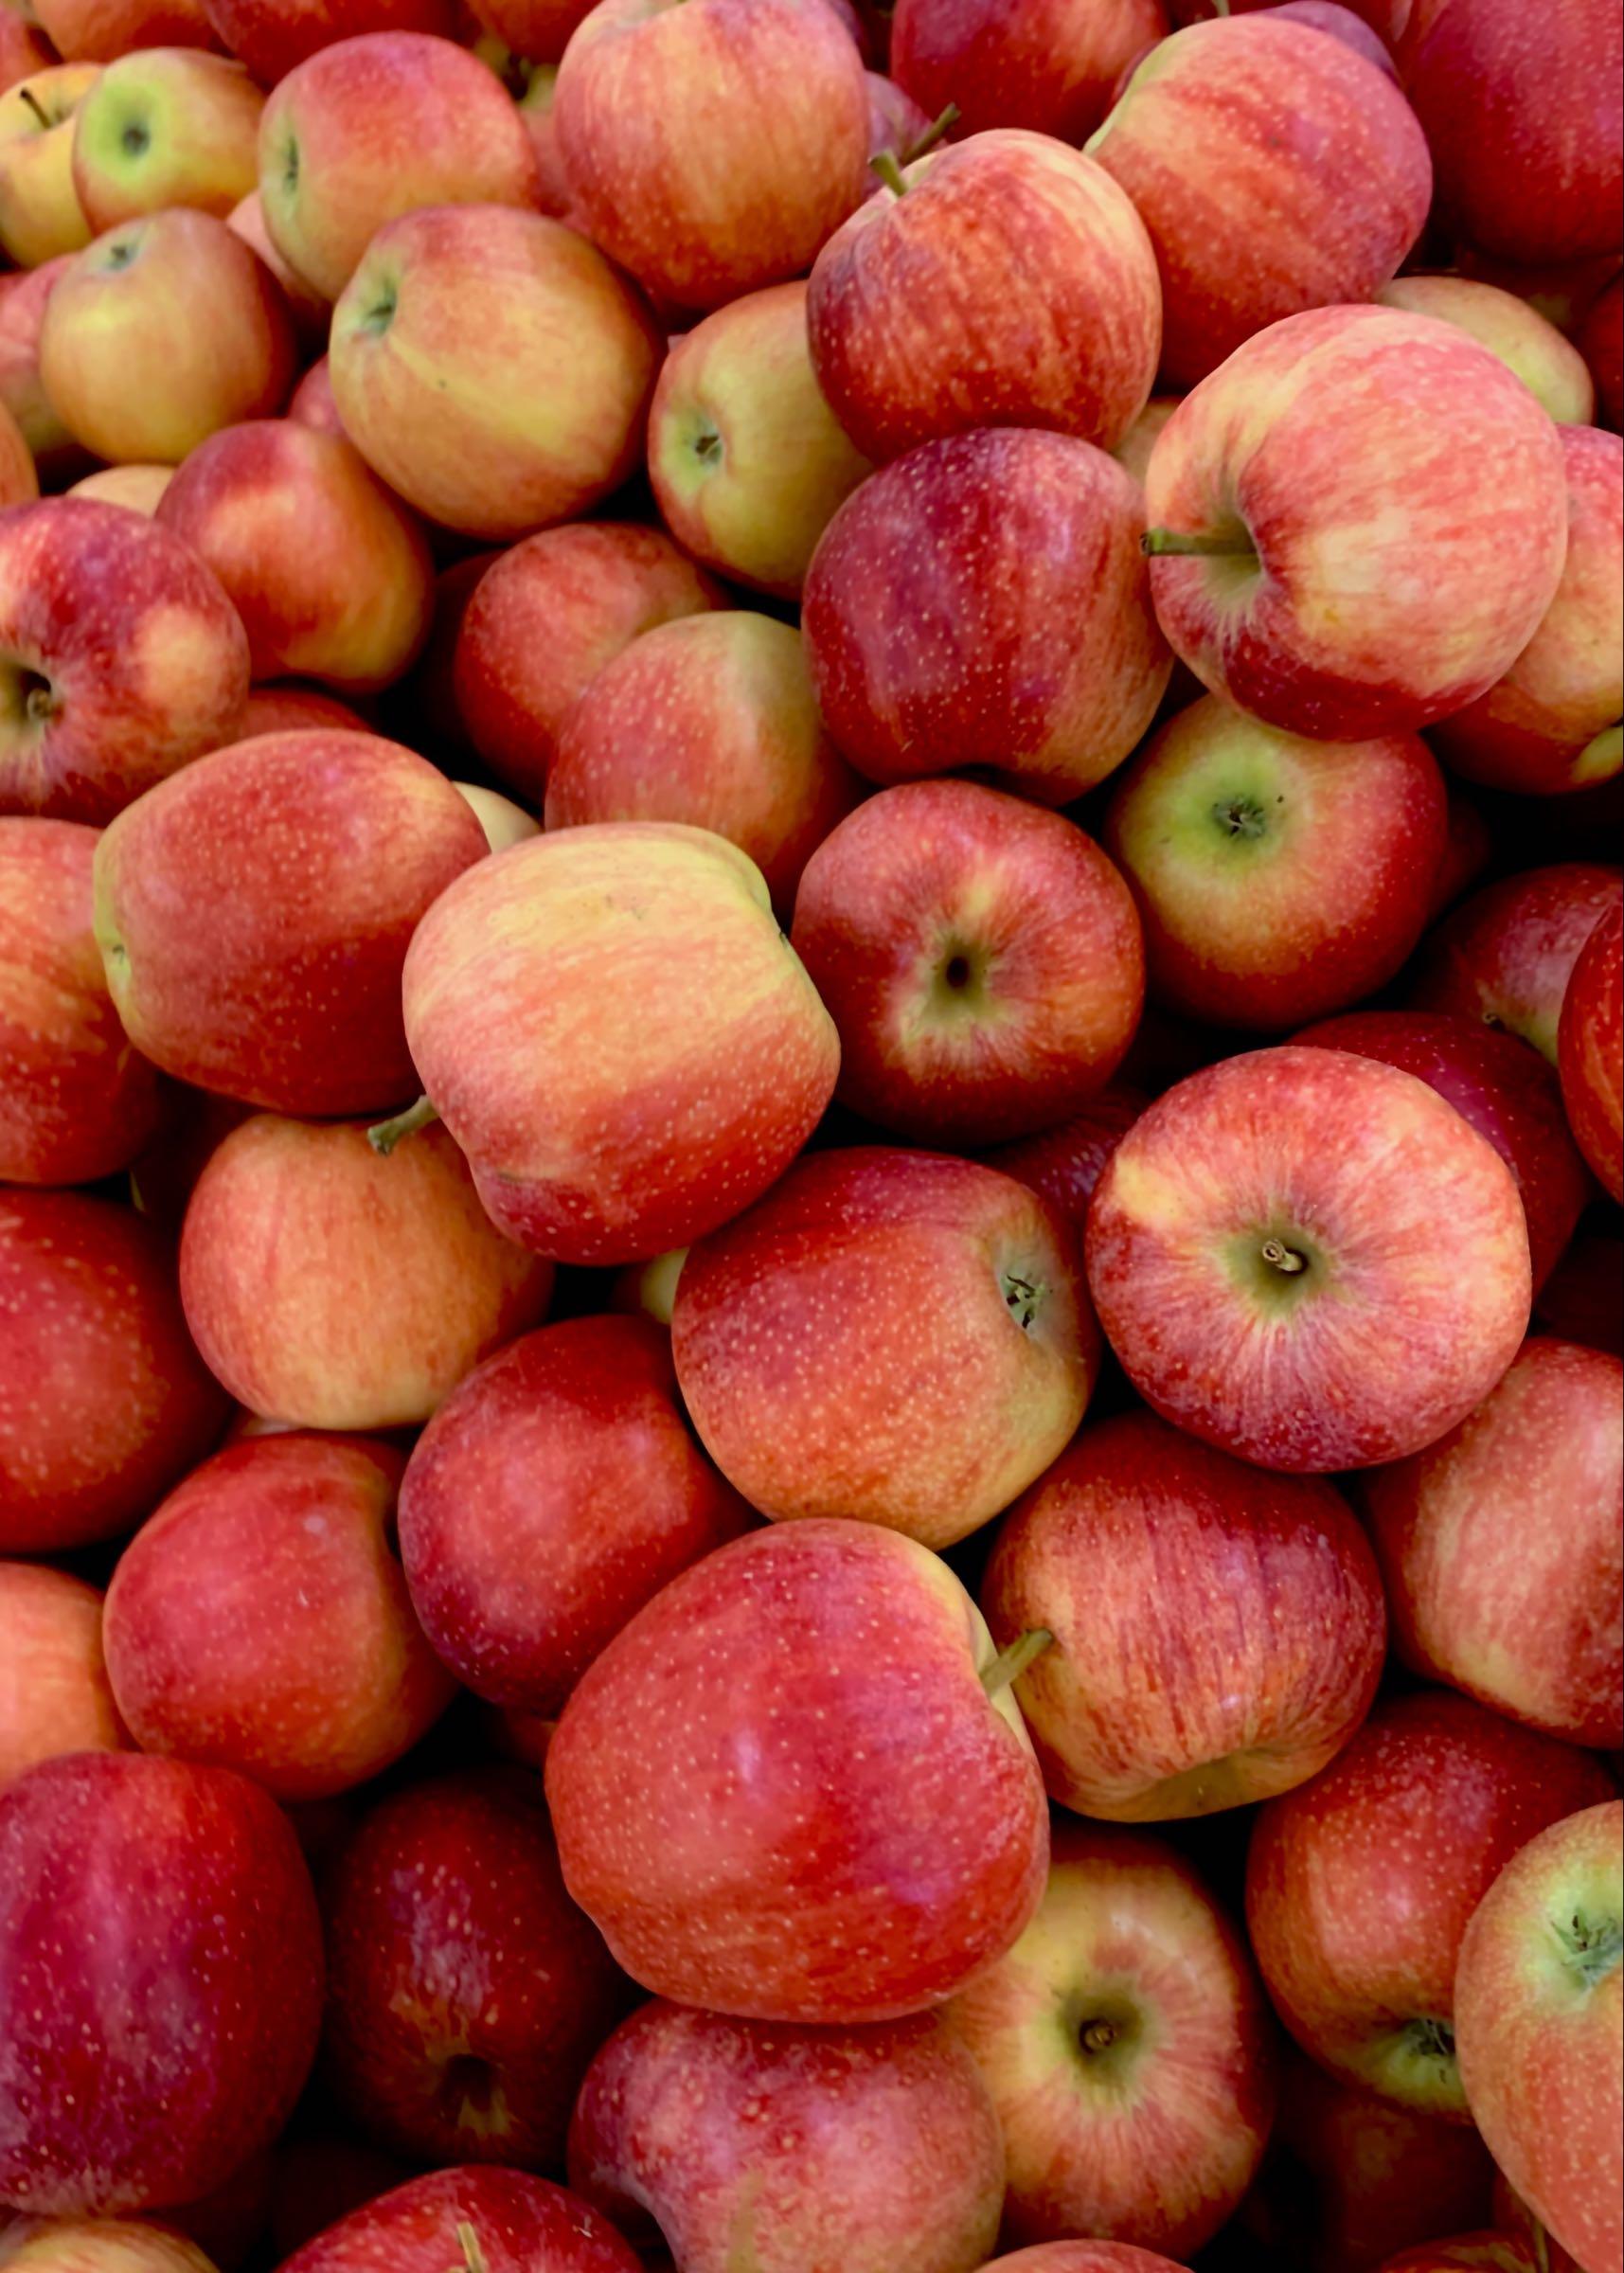 1kg Red Apples